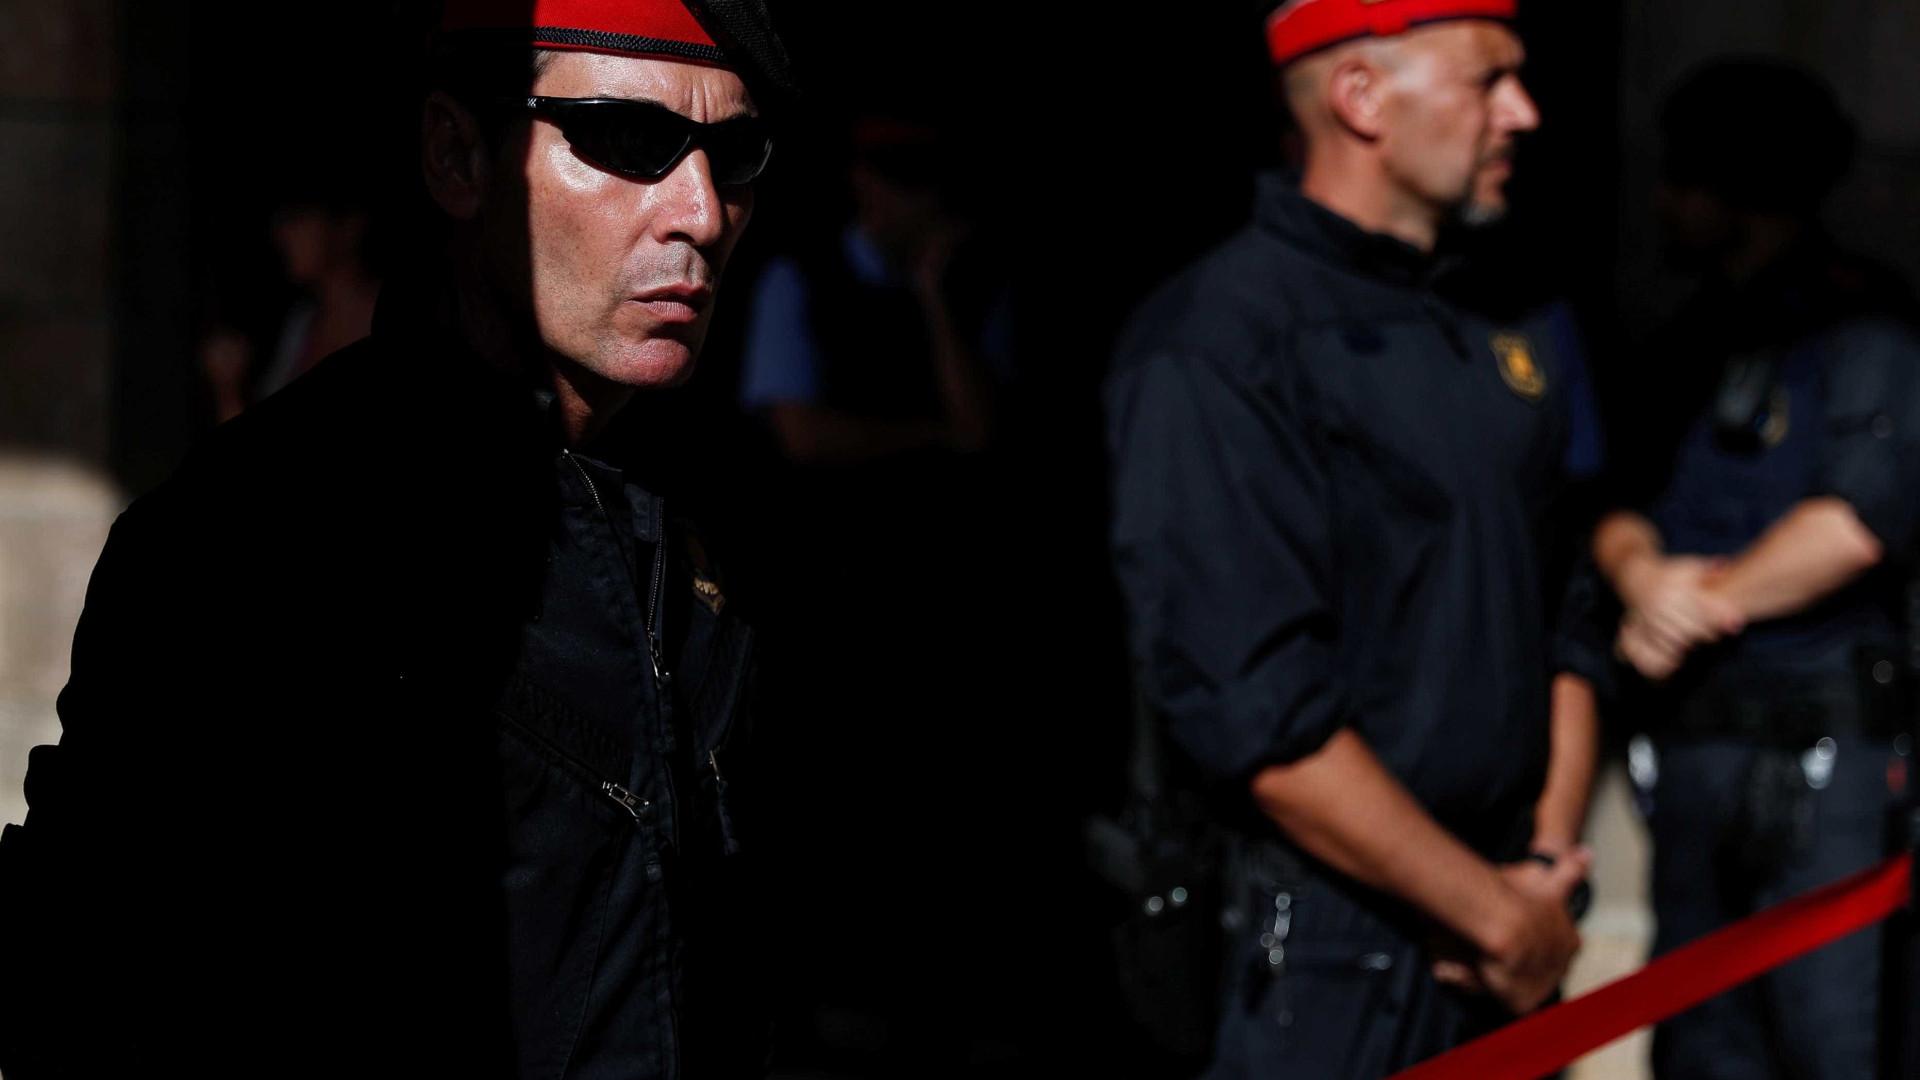 Polícia Nacional reforça presença em vários pontos estratégicos da região